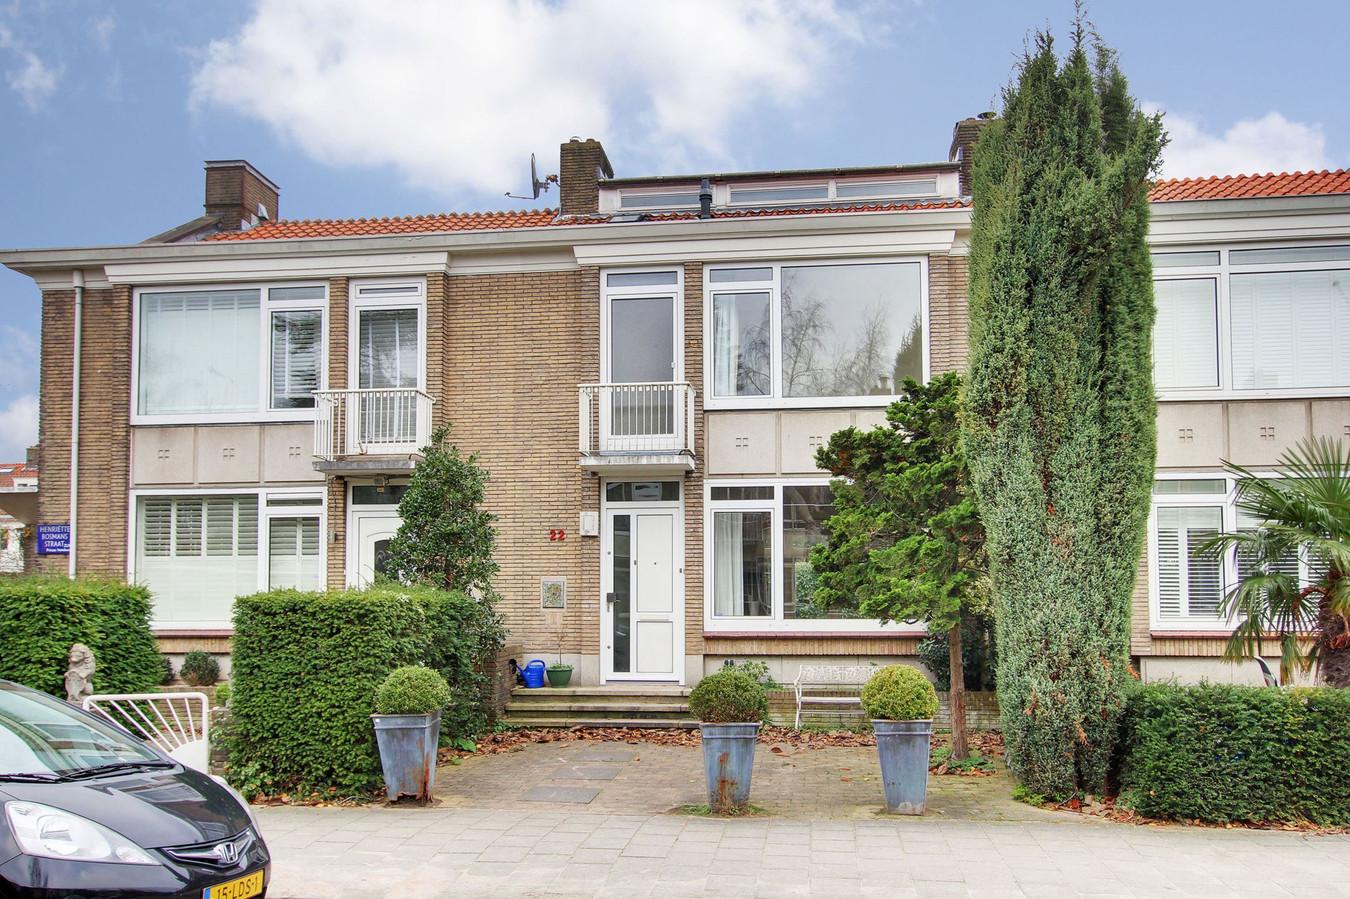 Het rijtjeshuis staat in de populaire buurt Amsterdam-Zuid.